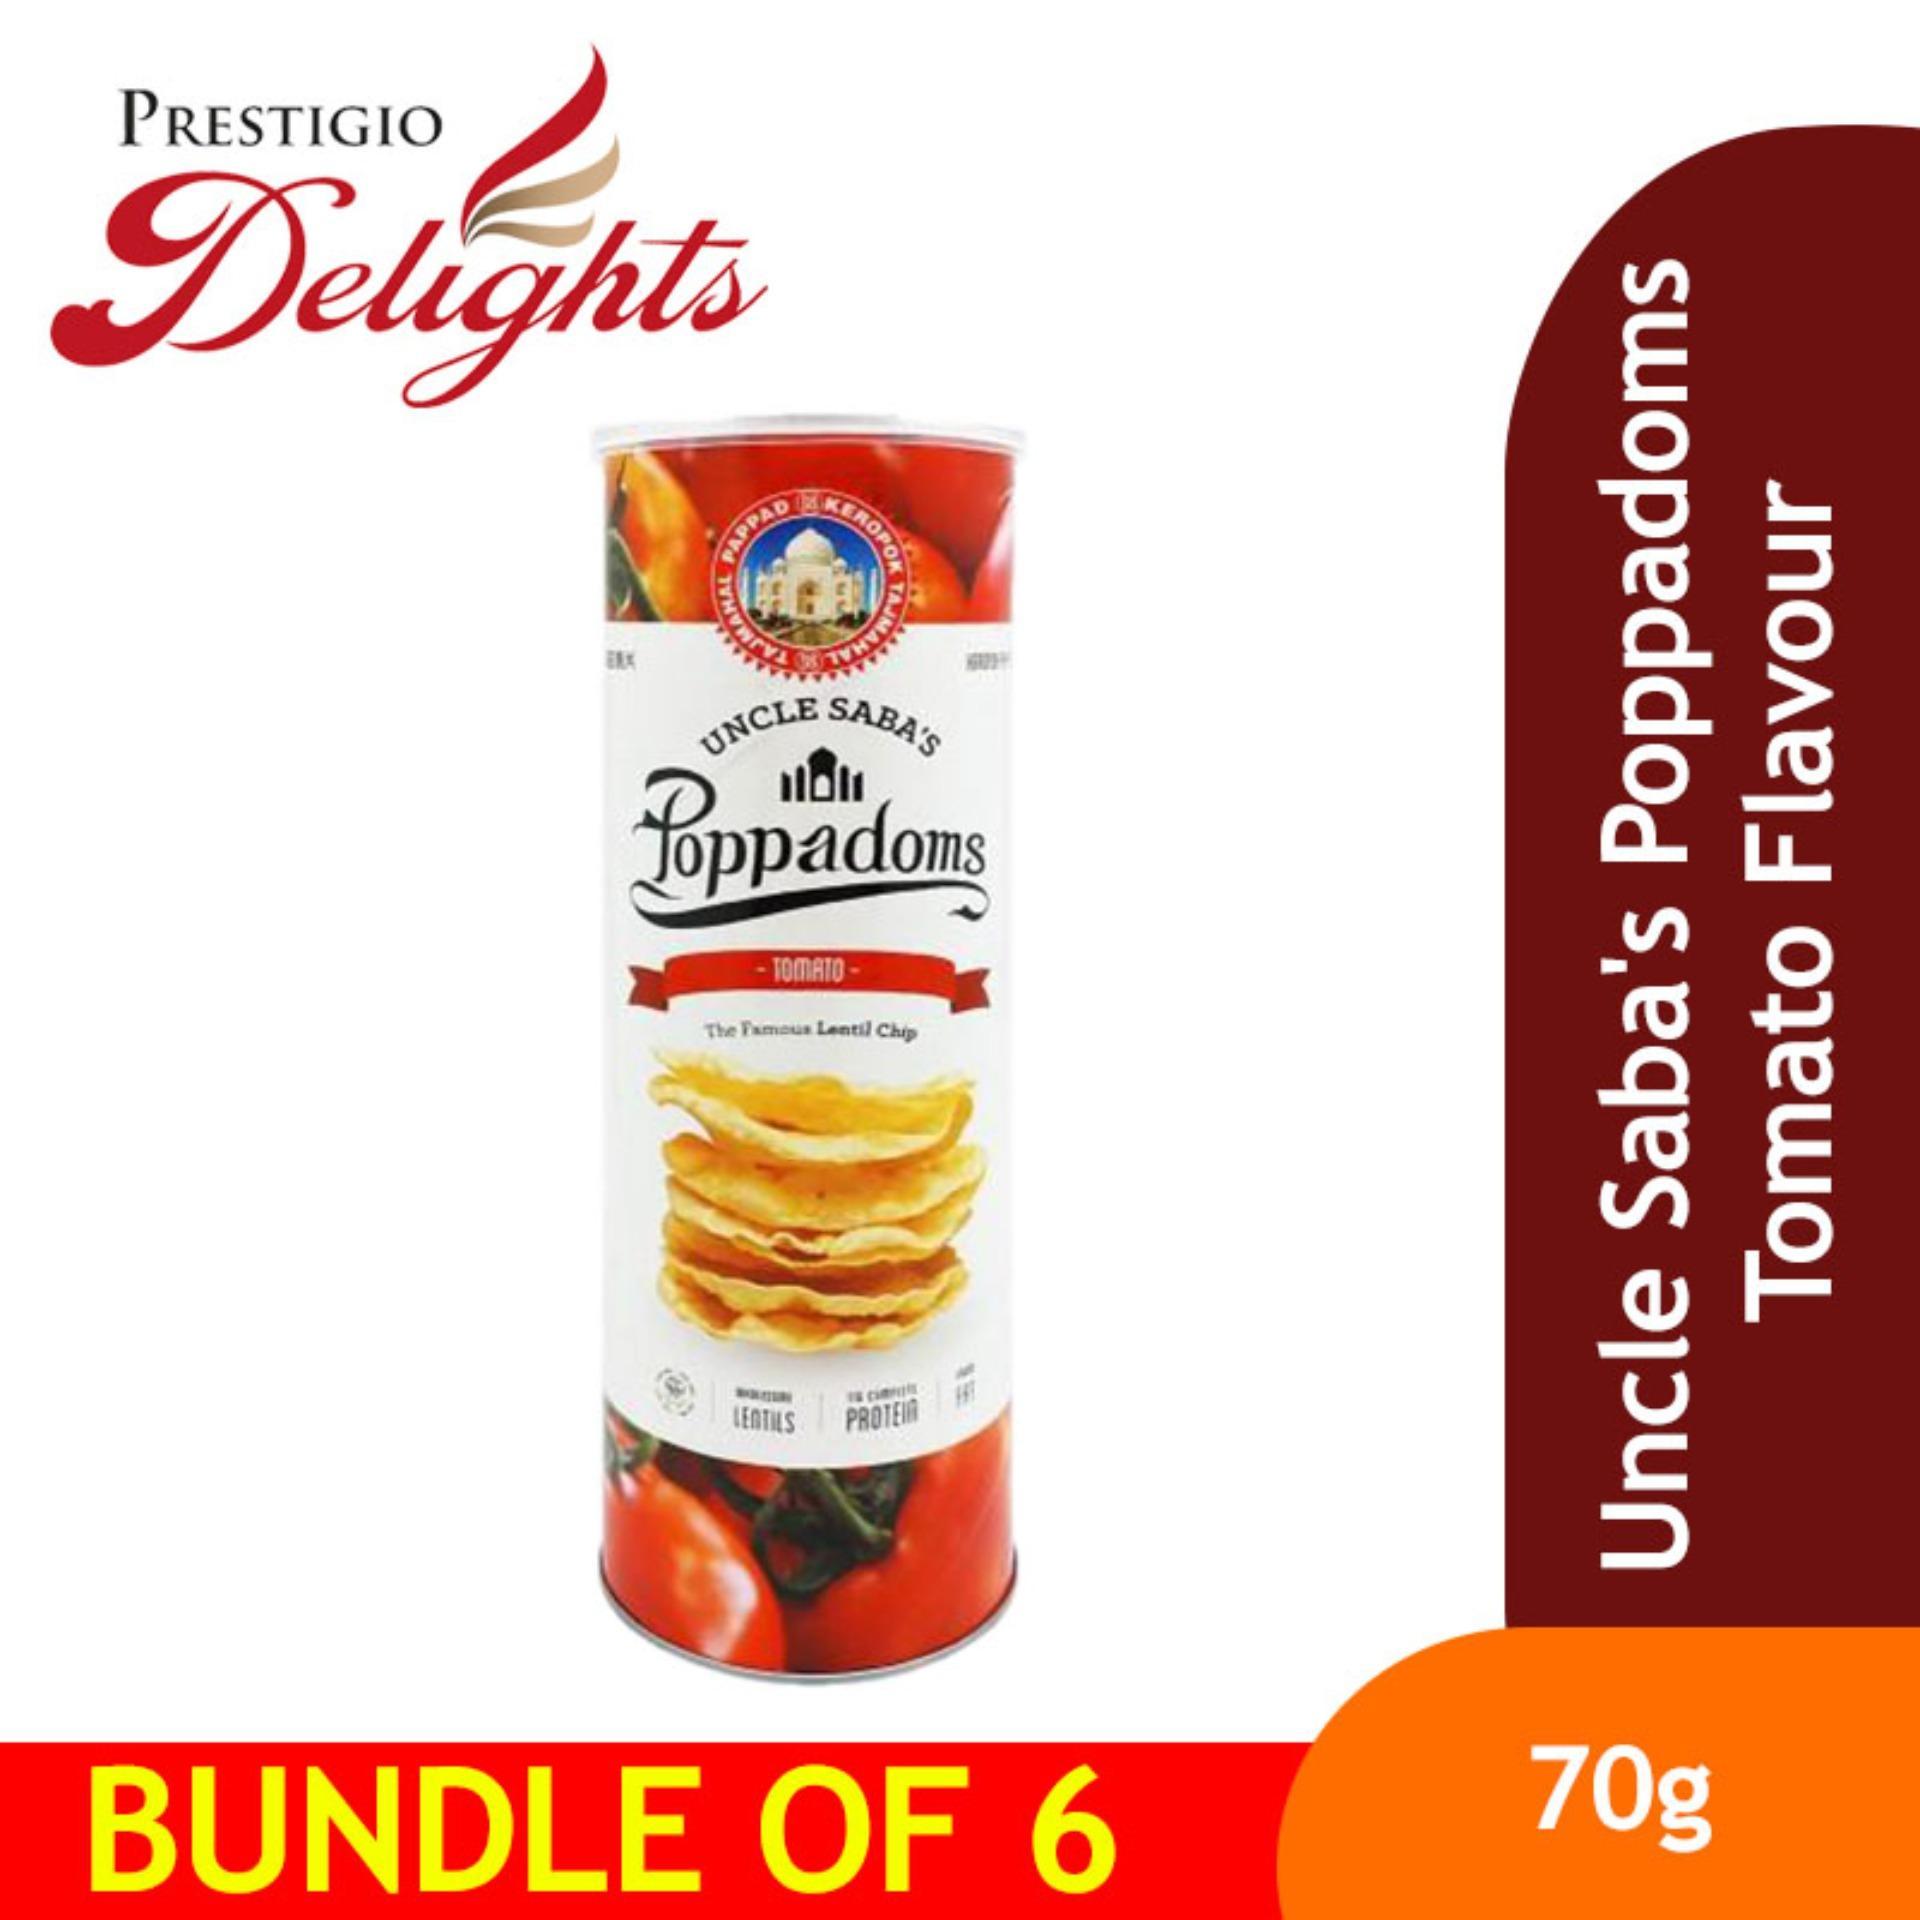 Uncle Sabas Poppadoms Tomato Flavour Bundle Of 6 By Prestigio Delights.